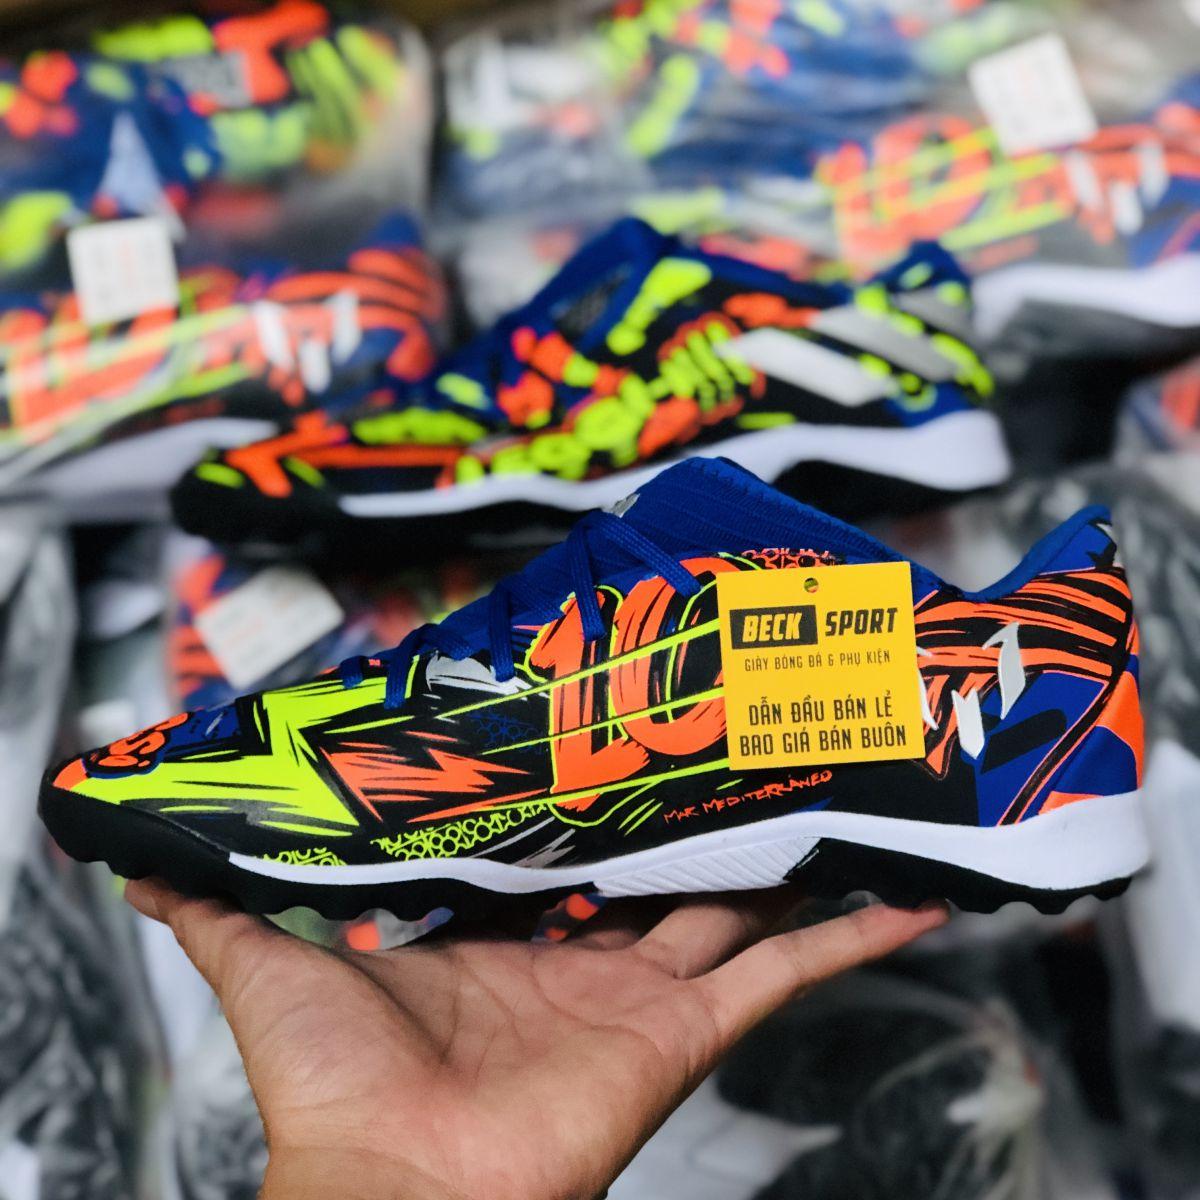 Giày Bóng Đá TQ Adidas Nemeziz 19.3 Messi Xanh Than Cam Chuối Vạch Xám TF